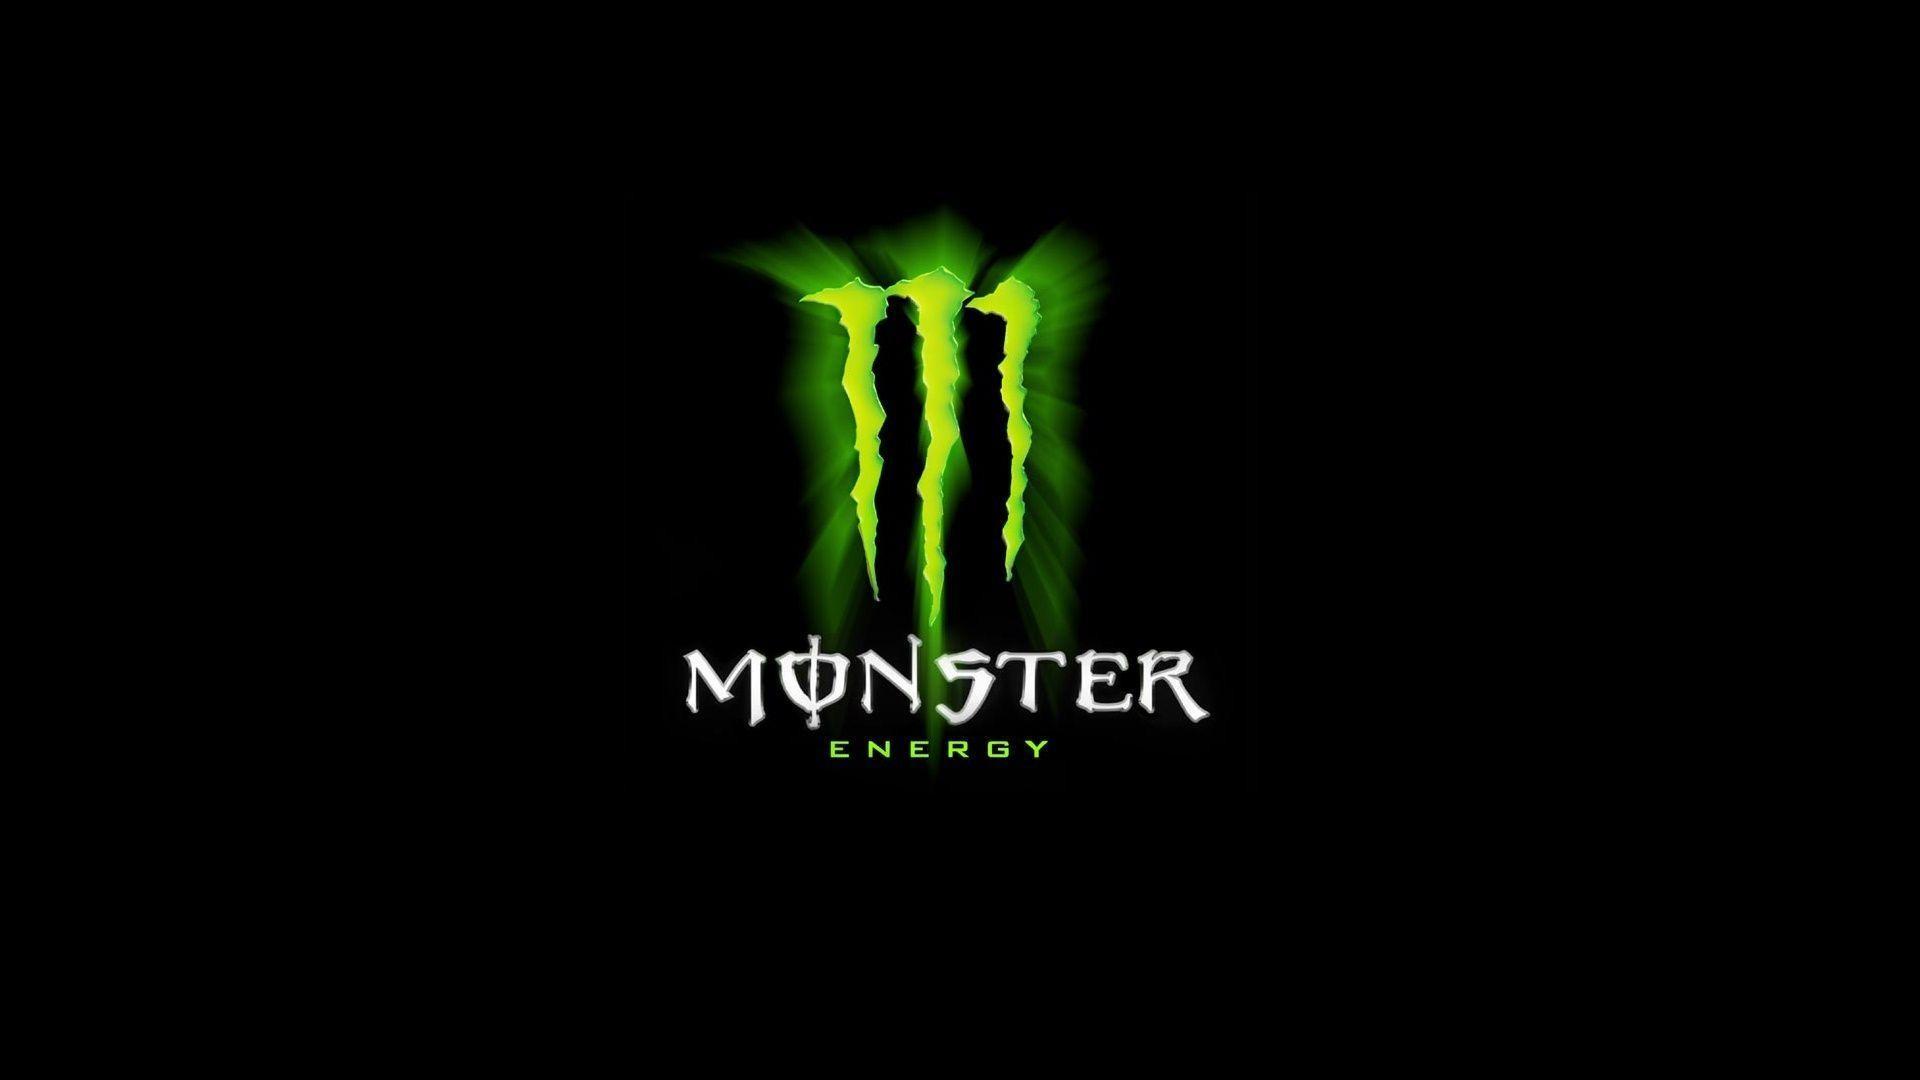 Monster energy windows 10 theme themepack. Me.